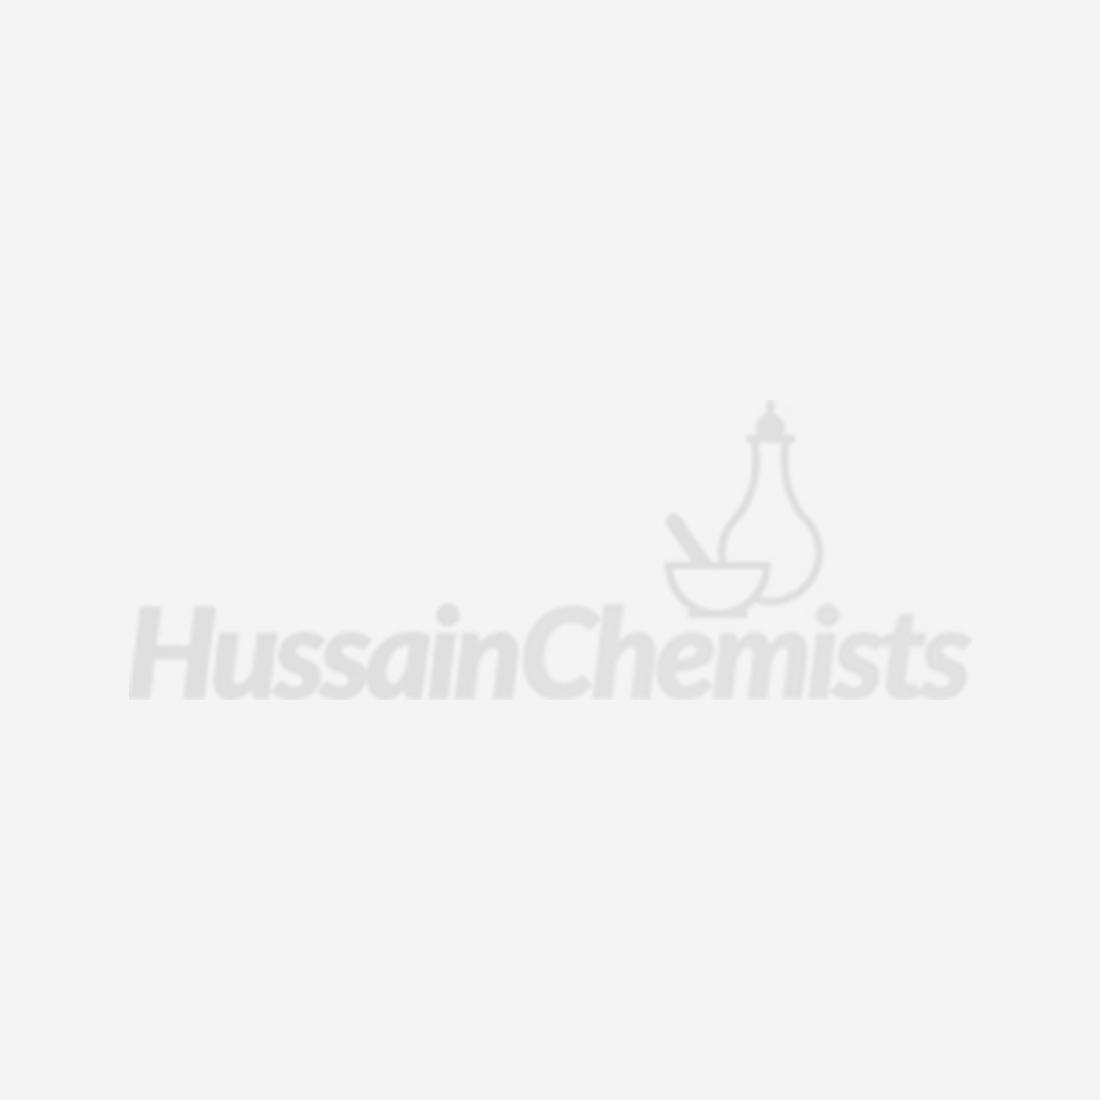 Care Loperamide 2mg Hard capsules - 12